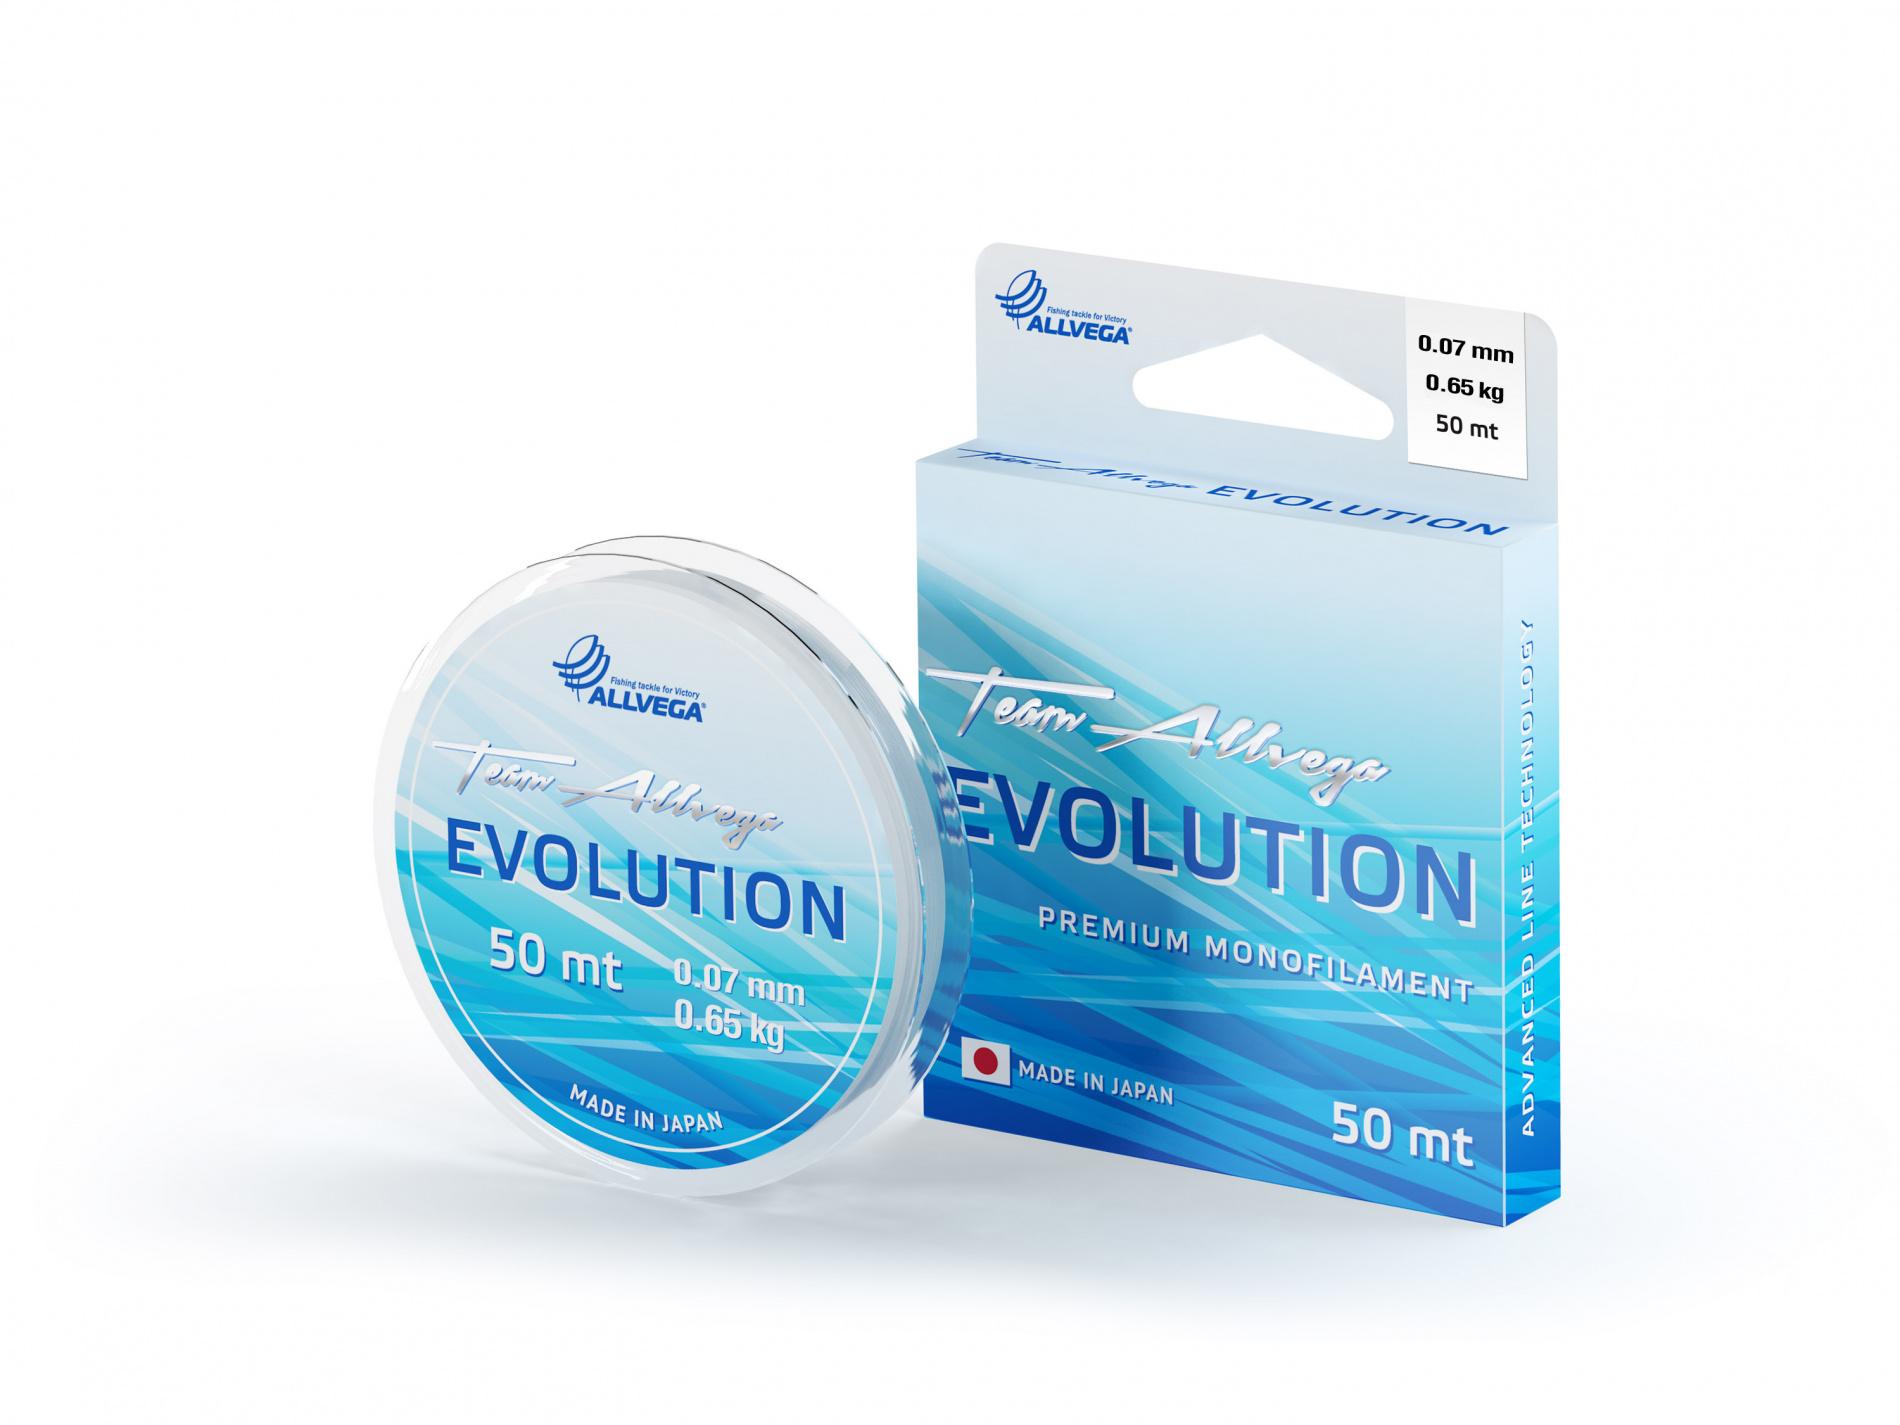 Леска ALLVEGA Evolution 0,07мм (50м) (0,65кг) (прозрачная)Леска монофильная<br>Леска EVOLUTION - это результат интеграции многолетнего <br>опыта европейских рыболовов-спортсменов <br>и современных японских технологий! Важнейшим <br>свойством лески является её однородность <br>и соответствие заявленному диаметру. Если <br>появляется неравномерность в калибровке <br>лески и искажается идеальная окружность <br>в сечении, это ведет к потере однородности <br>лески и ослабляет её. В этом смысле, на сегодняшний <br>день леска EVOLUTION имеет наиболее однородную <br>структуру. Из множества вариантов мы выбираем <br>новейшее и наиболее подходящее сырьё, чтобы <br>добиться исключительных характеристик <br>лески, выдержать оптимальный баланс между <br>прочностью и растяжимостью, и создать идеальный <br>продукт для любых условий ловли. Цвет прозрачный. <br>Сделана, размотана и упакована в Японии.<br><br>Сезон: лето